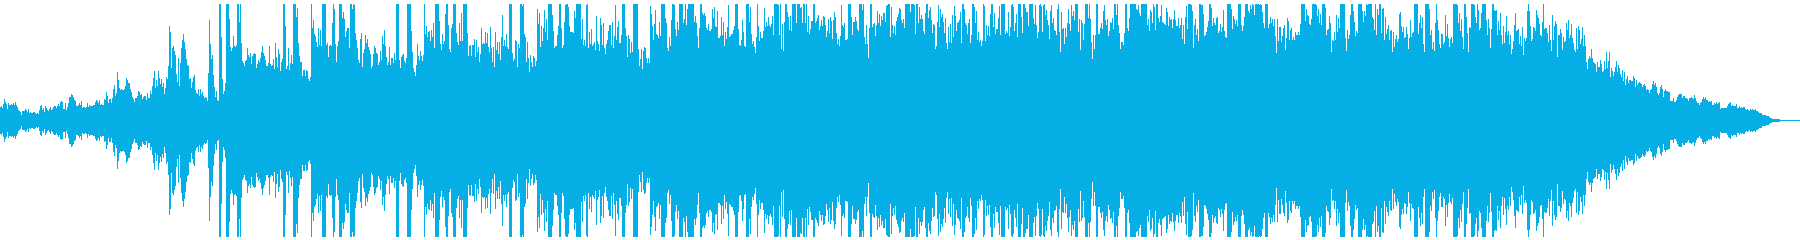 ドラマティックで幻想的な音楽の再生済みの波形